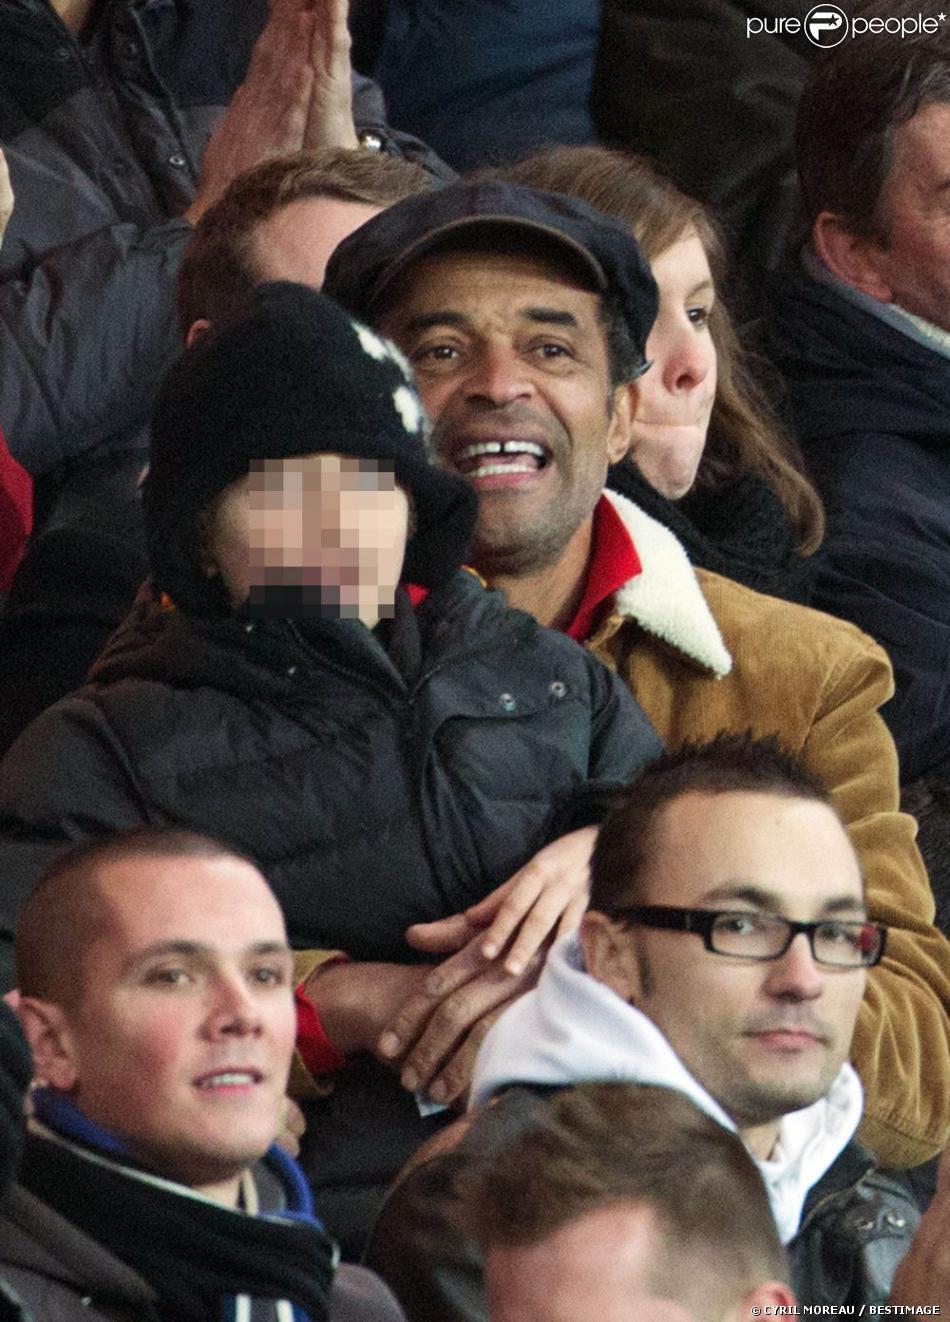 Yannick Noah et son fils Joalukas lors du match entre le PSG et Evian Thonon Gaillard au Parc des Princes à Paris le 8 décembre 2012 à Paris (victoire du PSG 4-0)